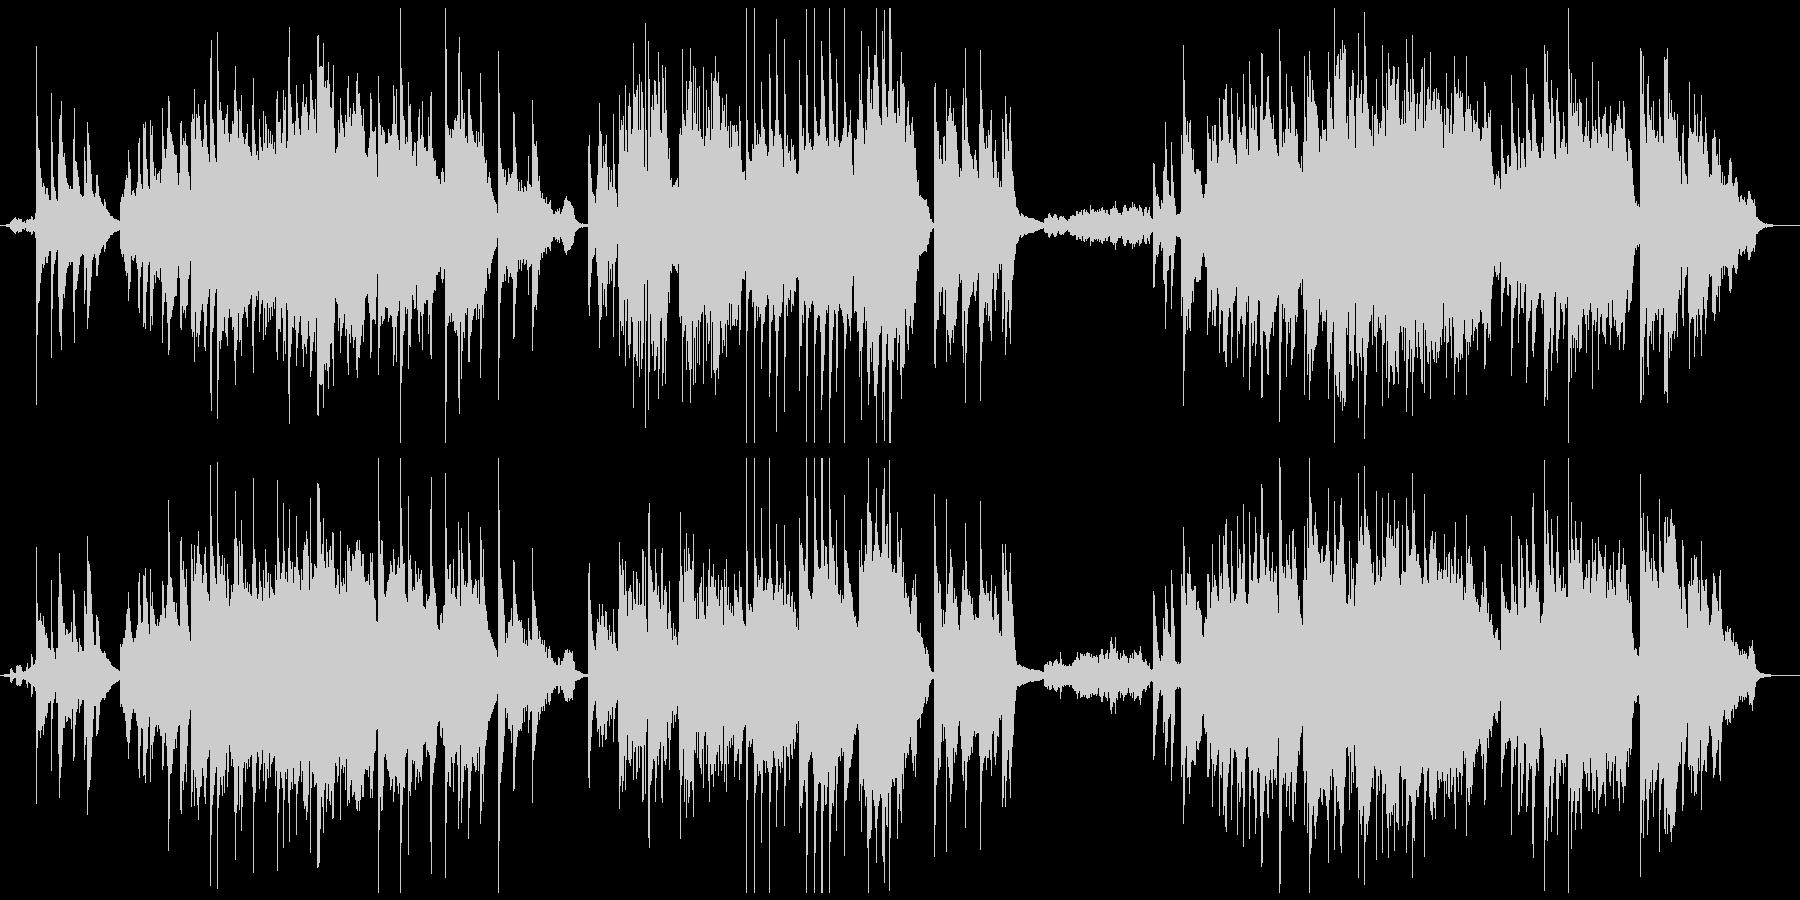 バッハプレリュードのアンサンブルアレンジの未再生の波形